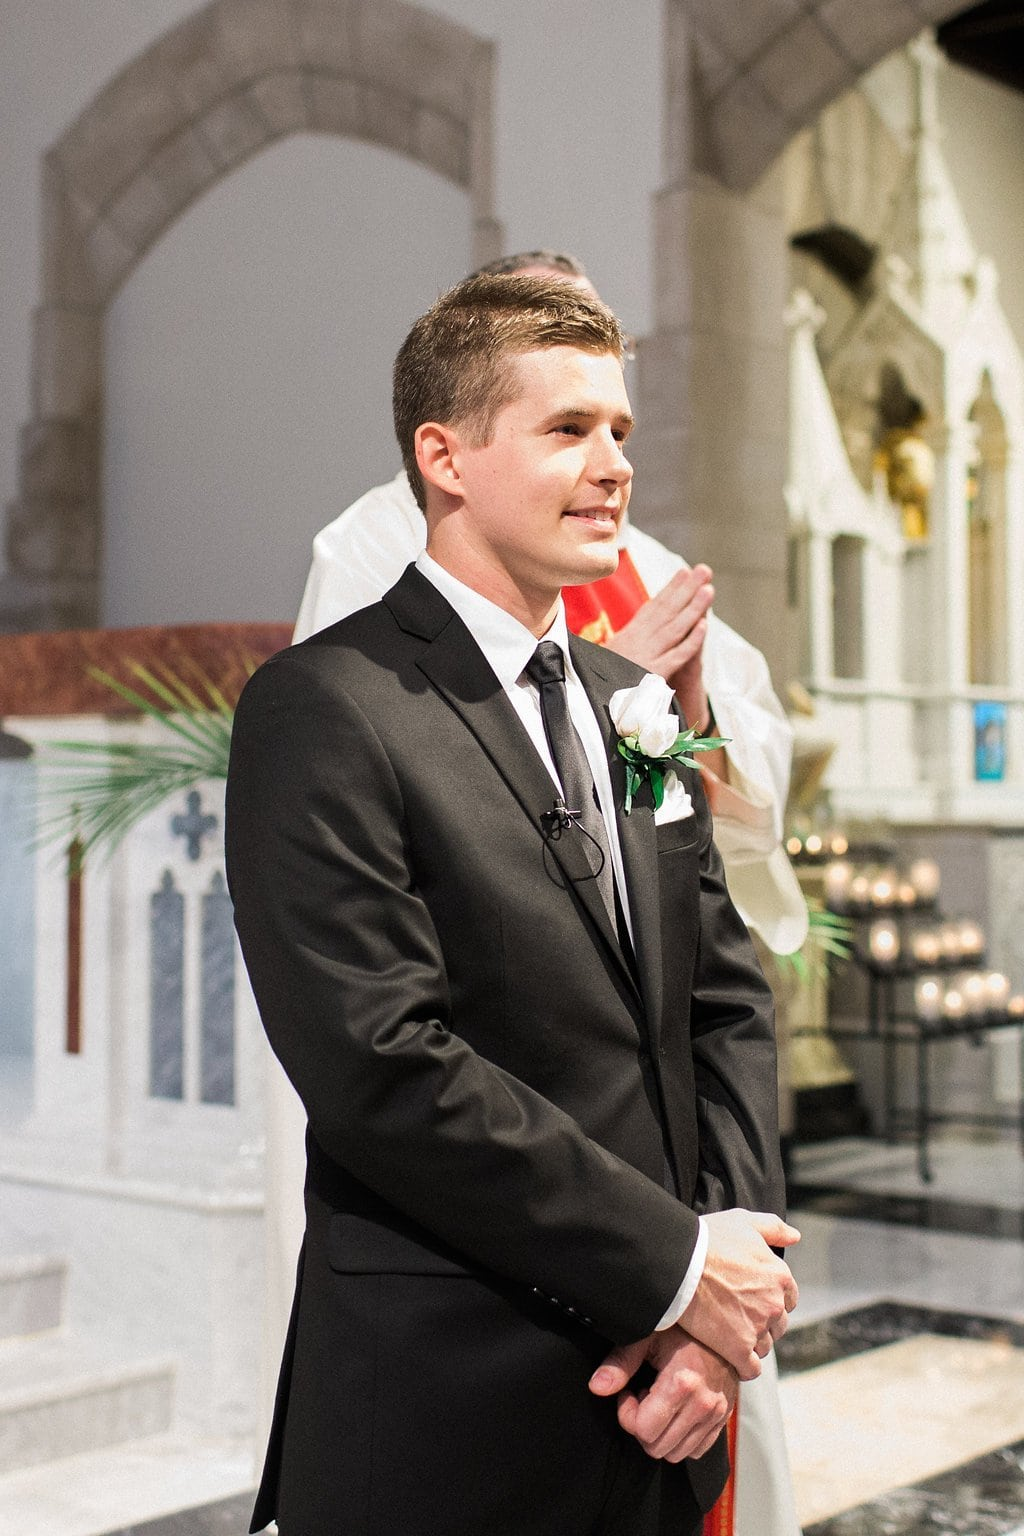 Groom seeing his bride walking down the aisle